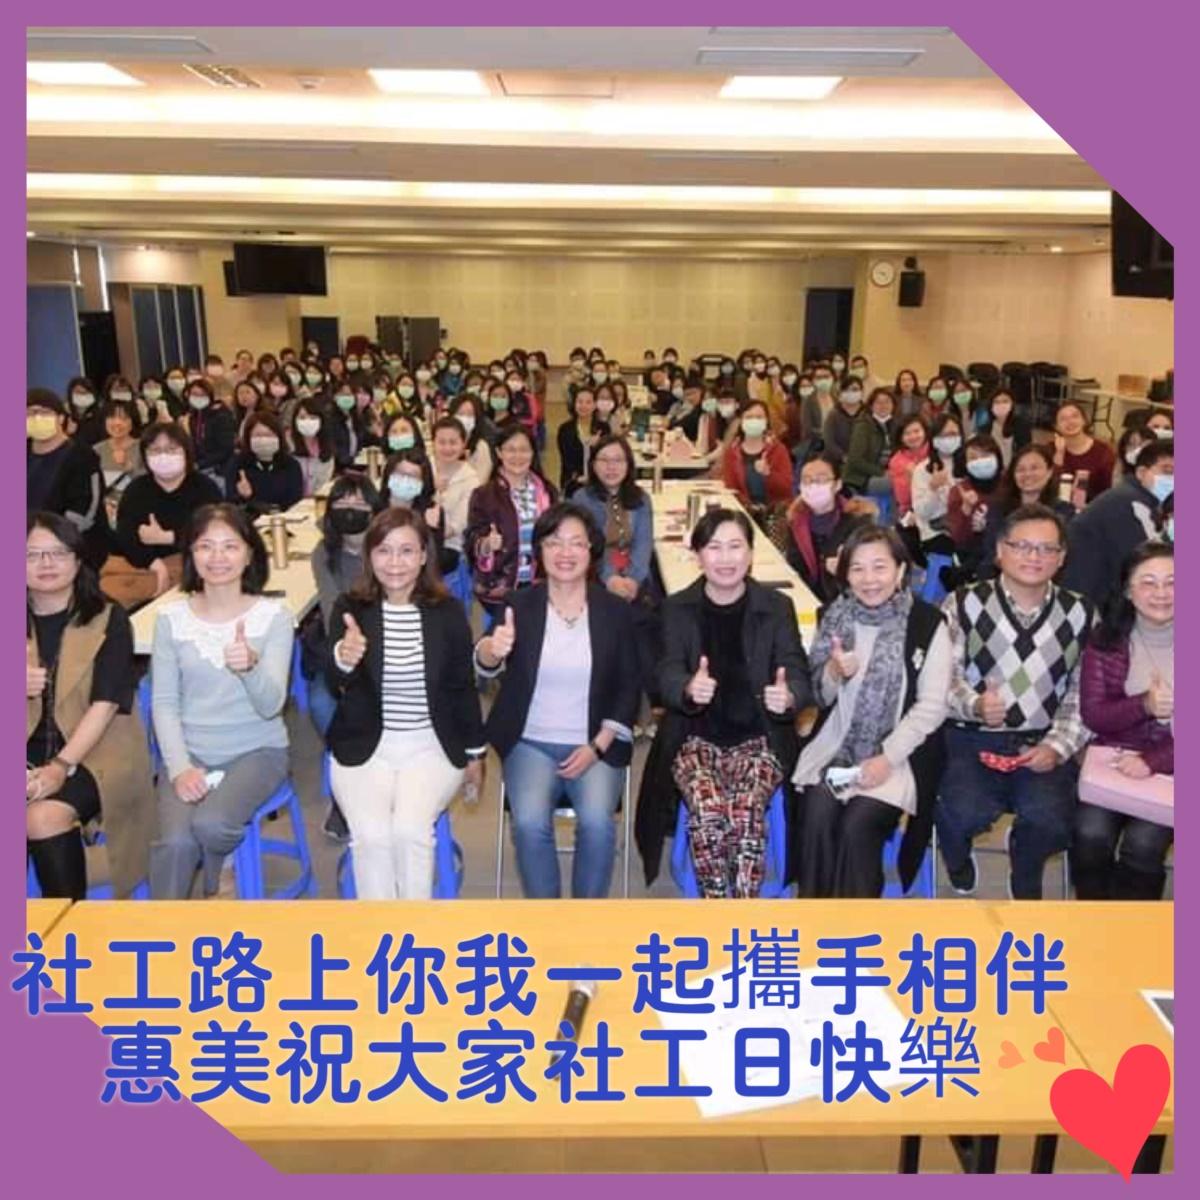 有您真好! 彰化縣長王惠美公開信感謝社工夥伴們